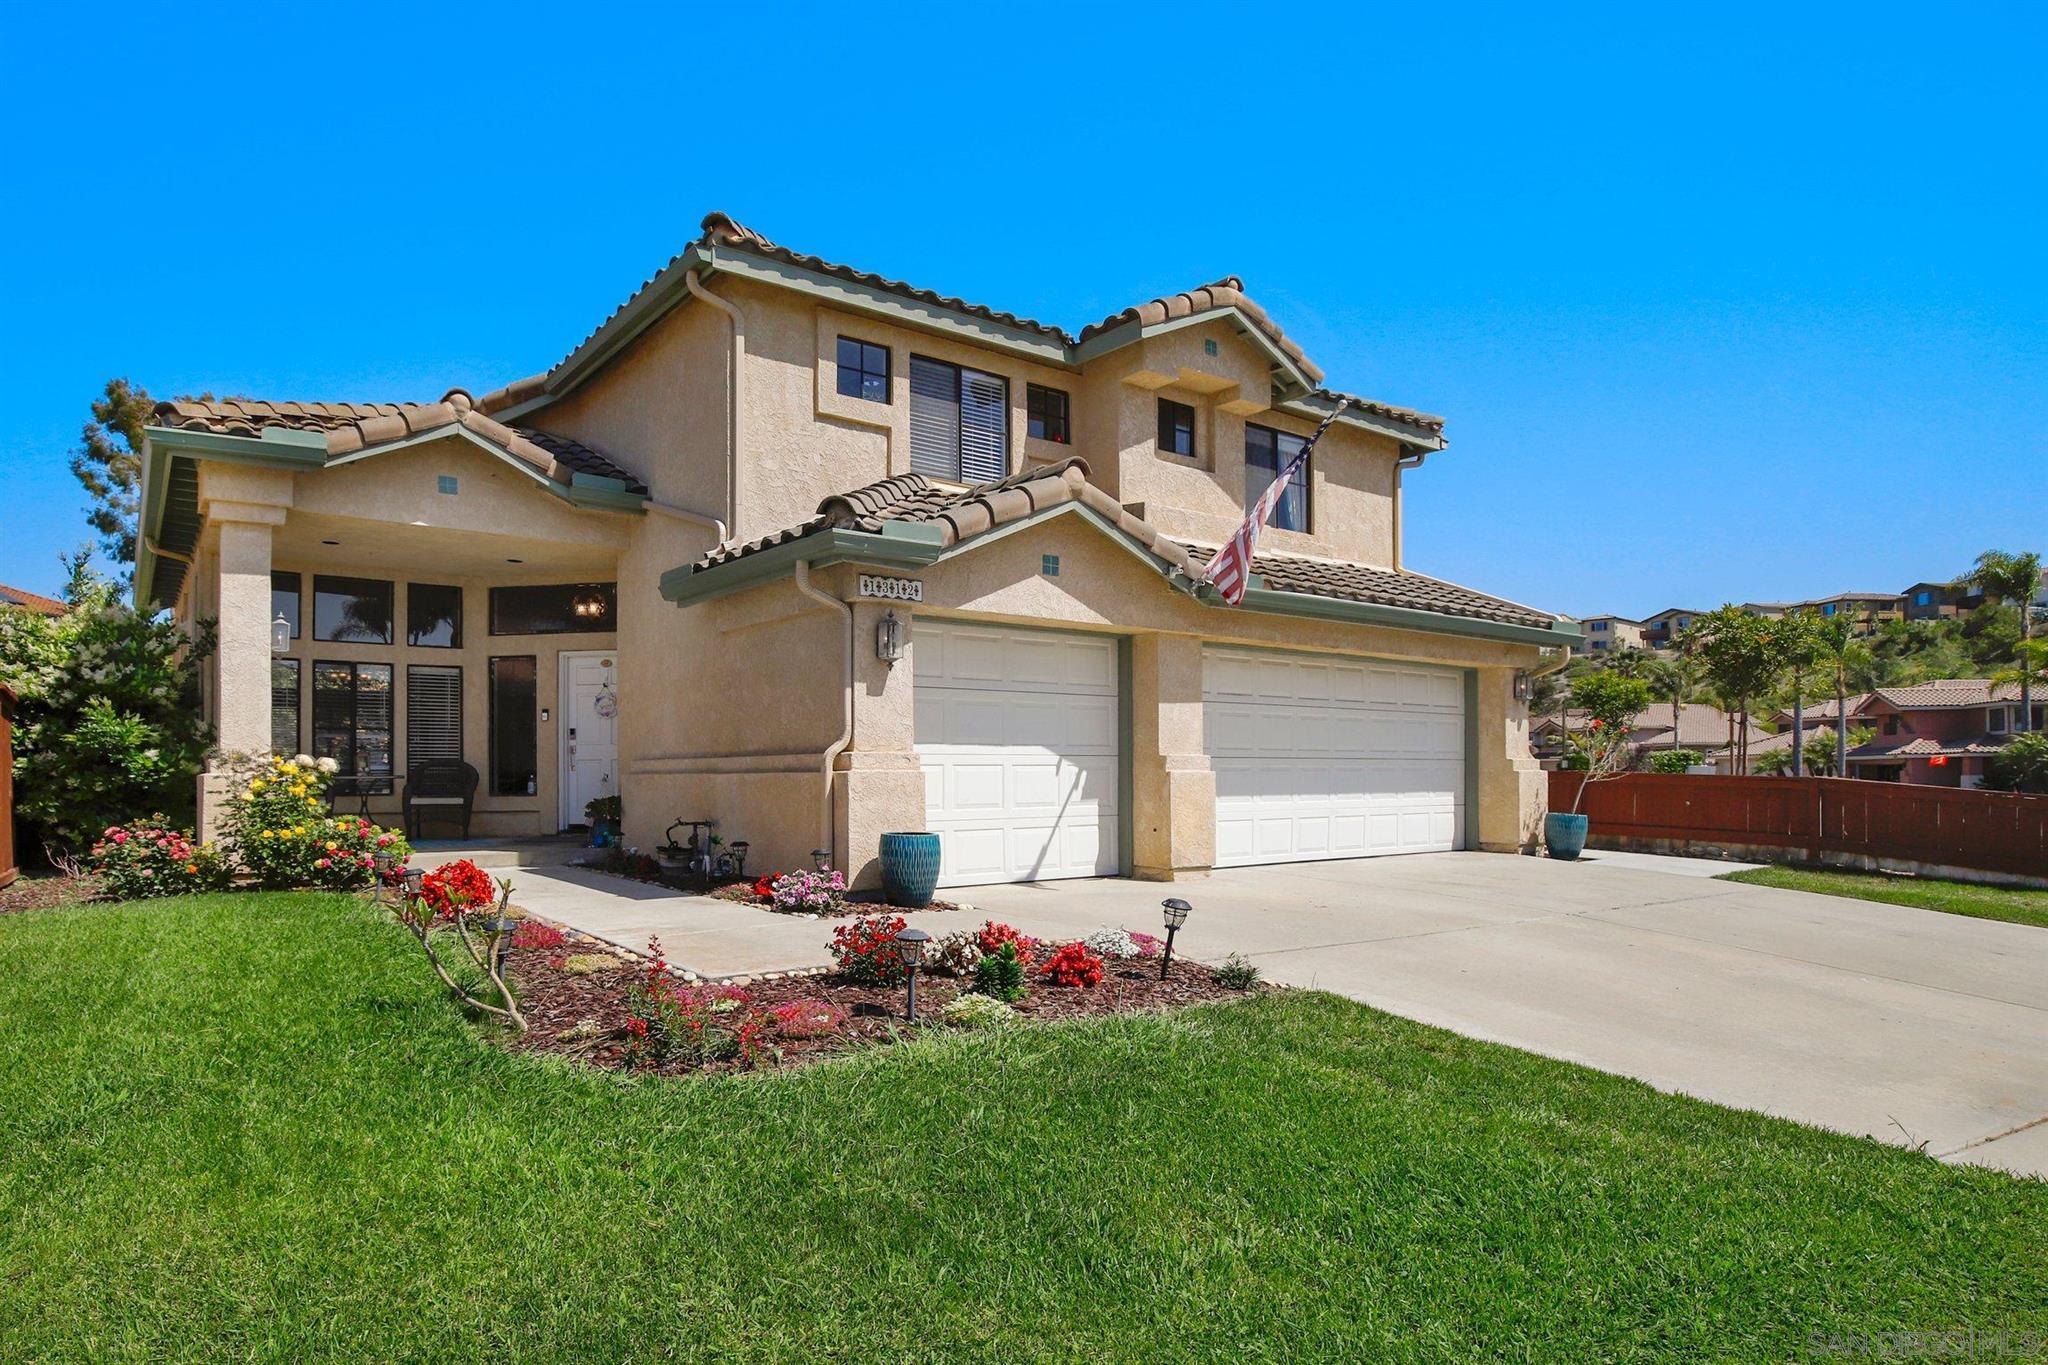 1312 Via Isidro, Oceanside CA 92056